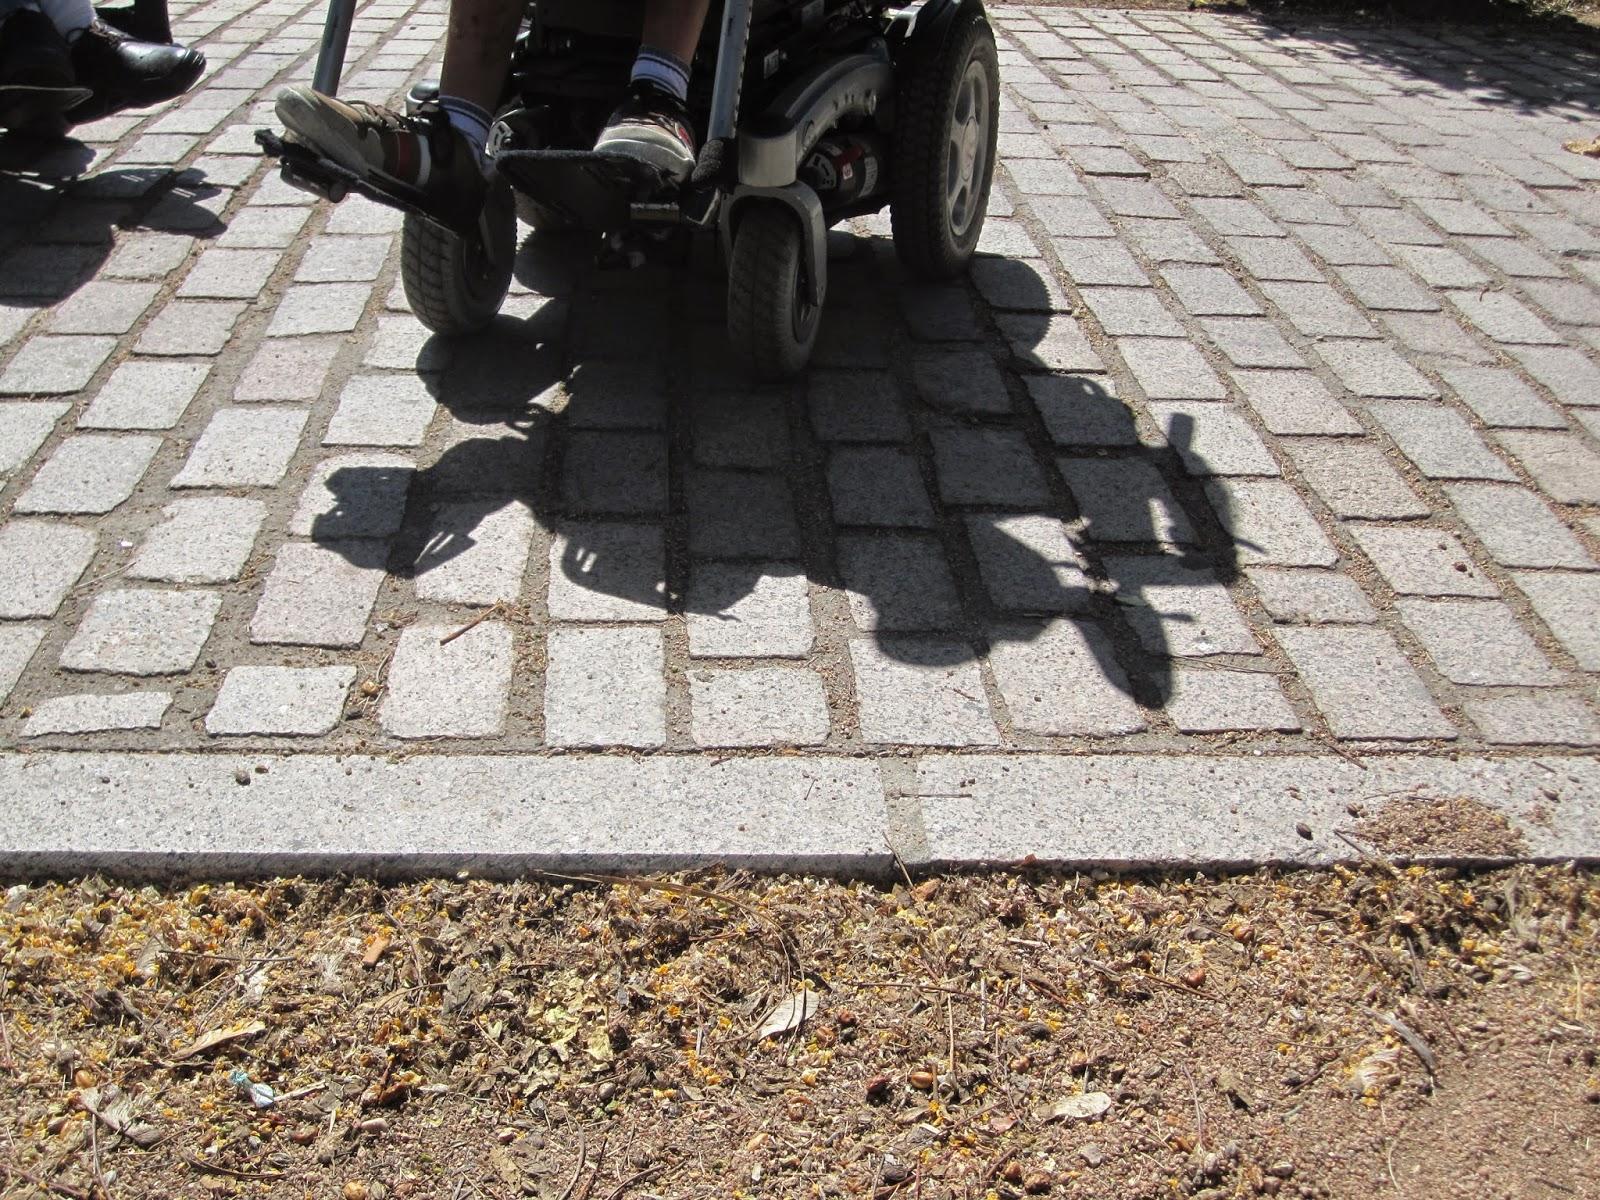 Se aprecia a un usuario de sillas de ruedas sobre la superficie adoquinada y frente al desnivel oculto.